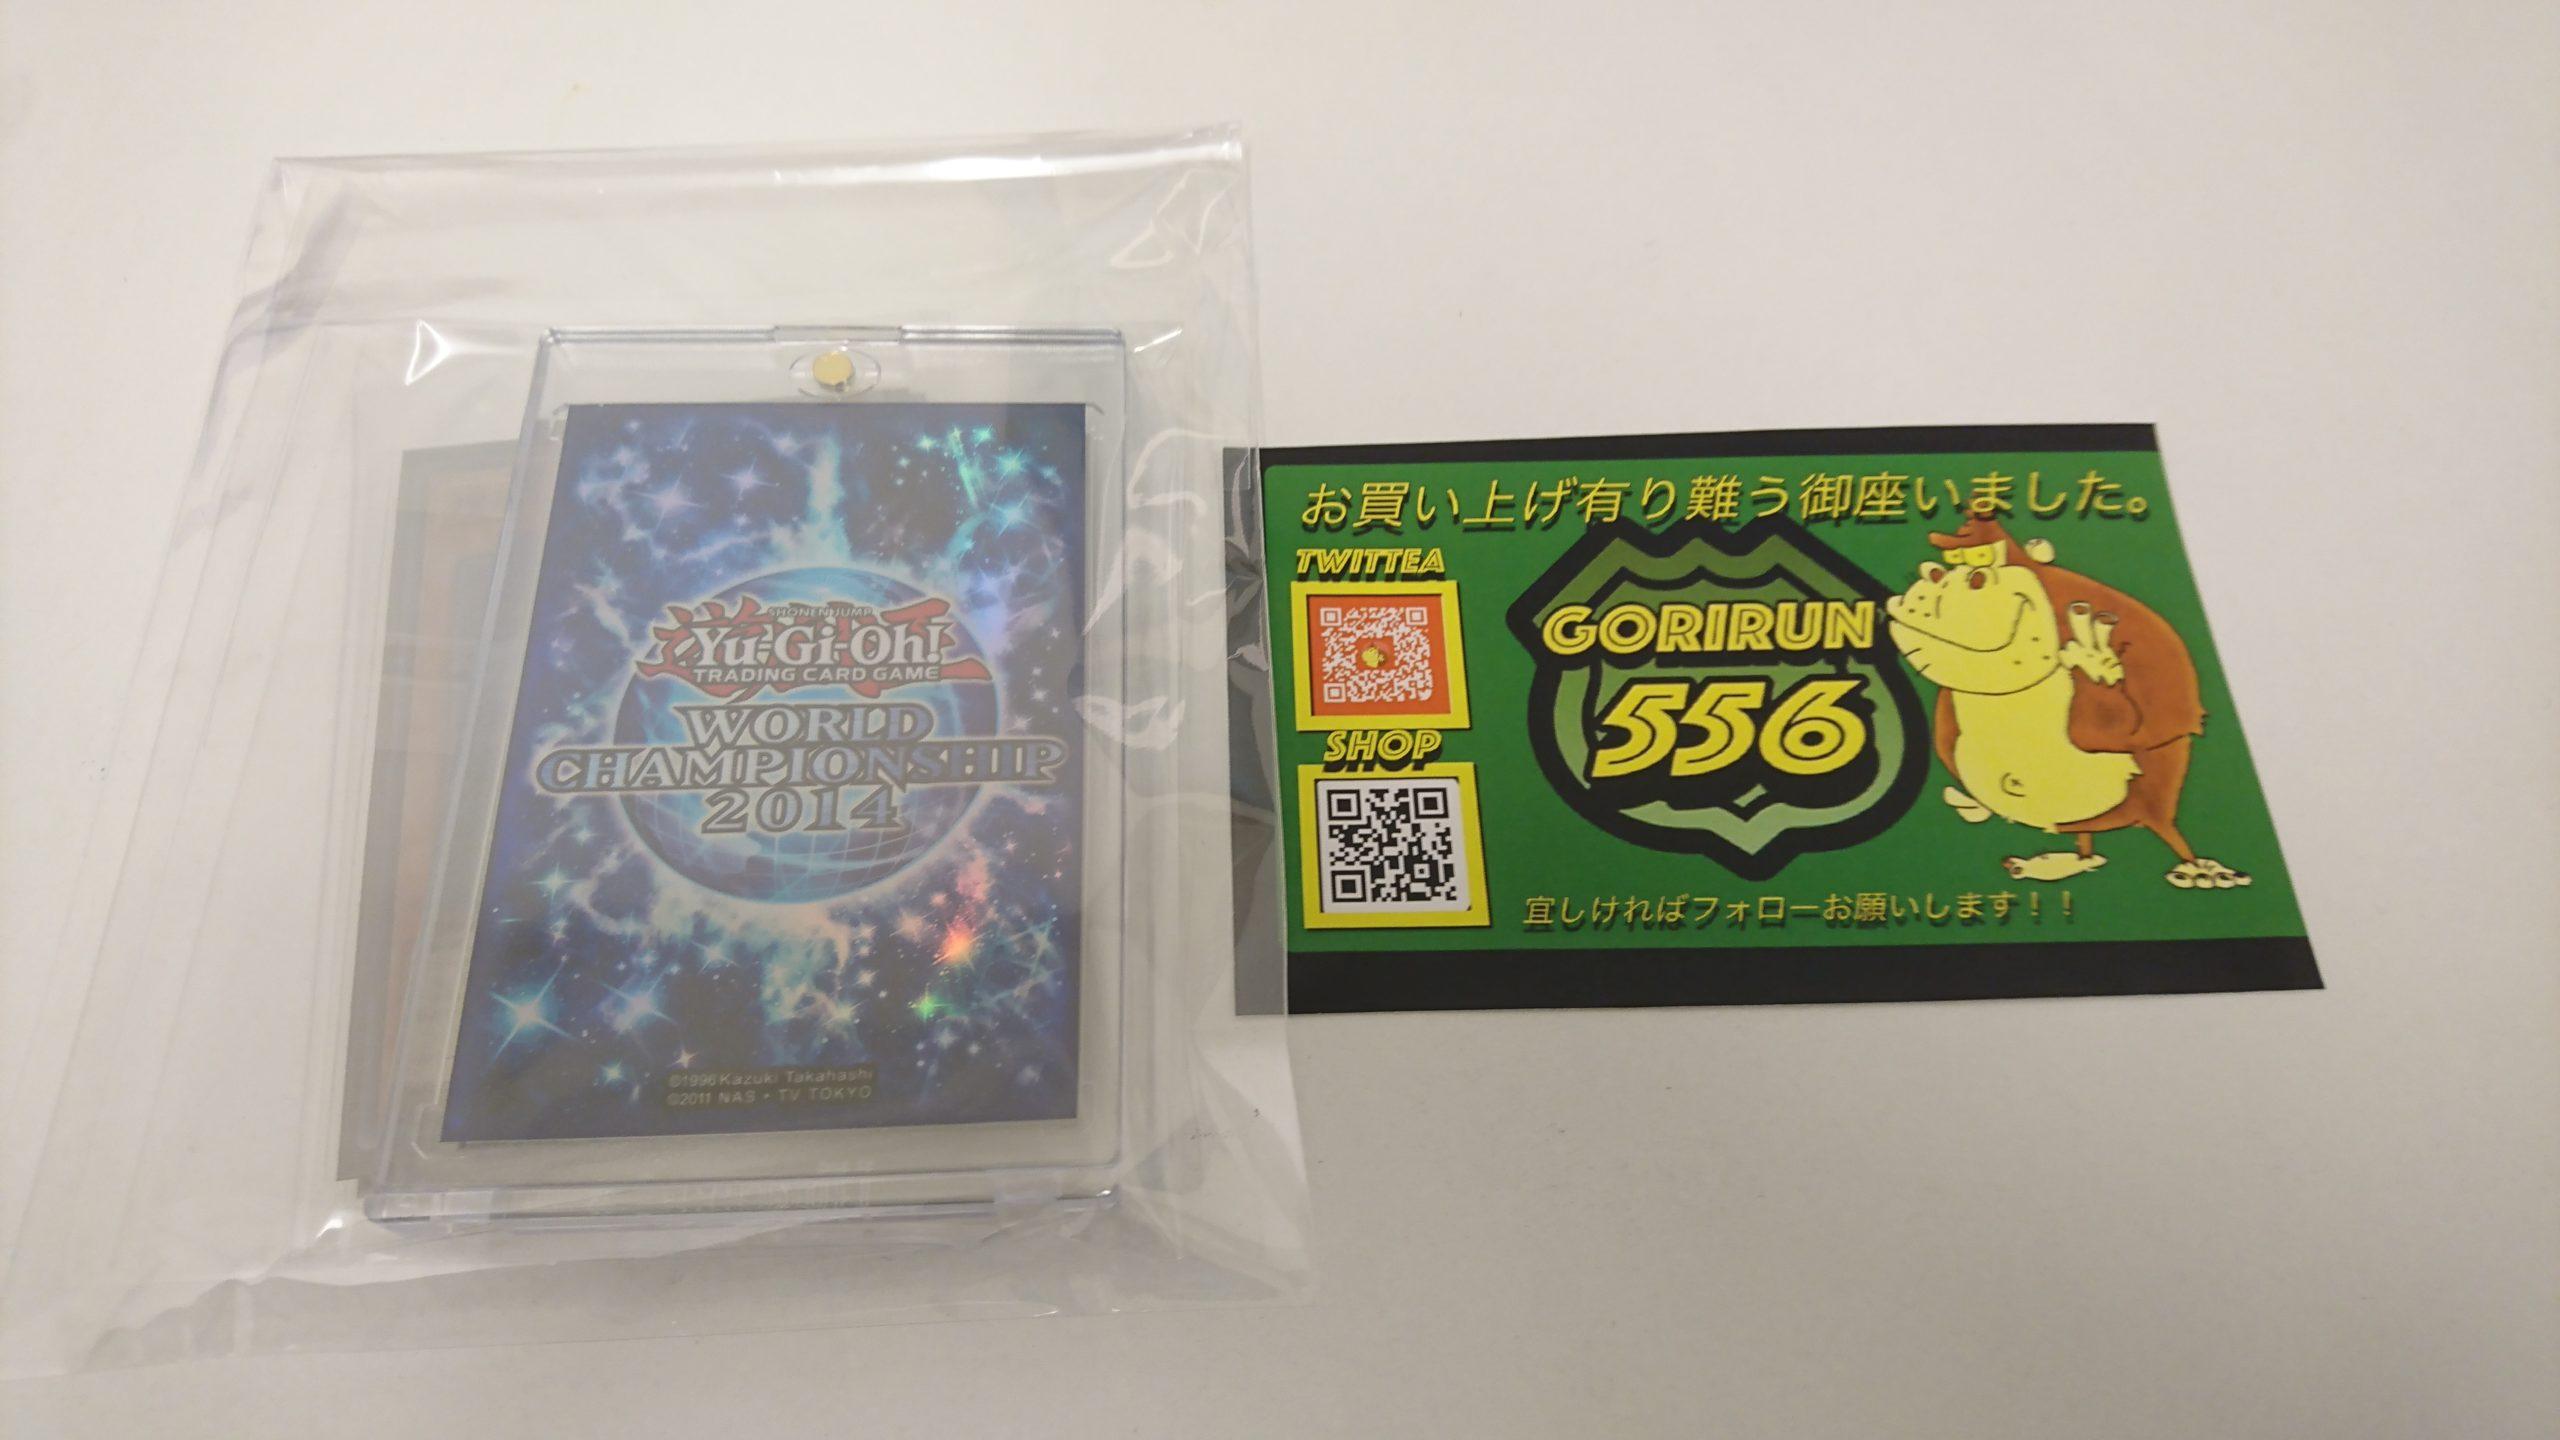 ゴリラン(Twitter)10,000円福袋梱包